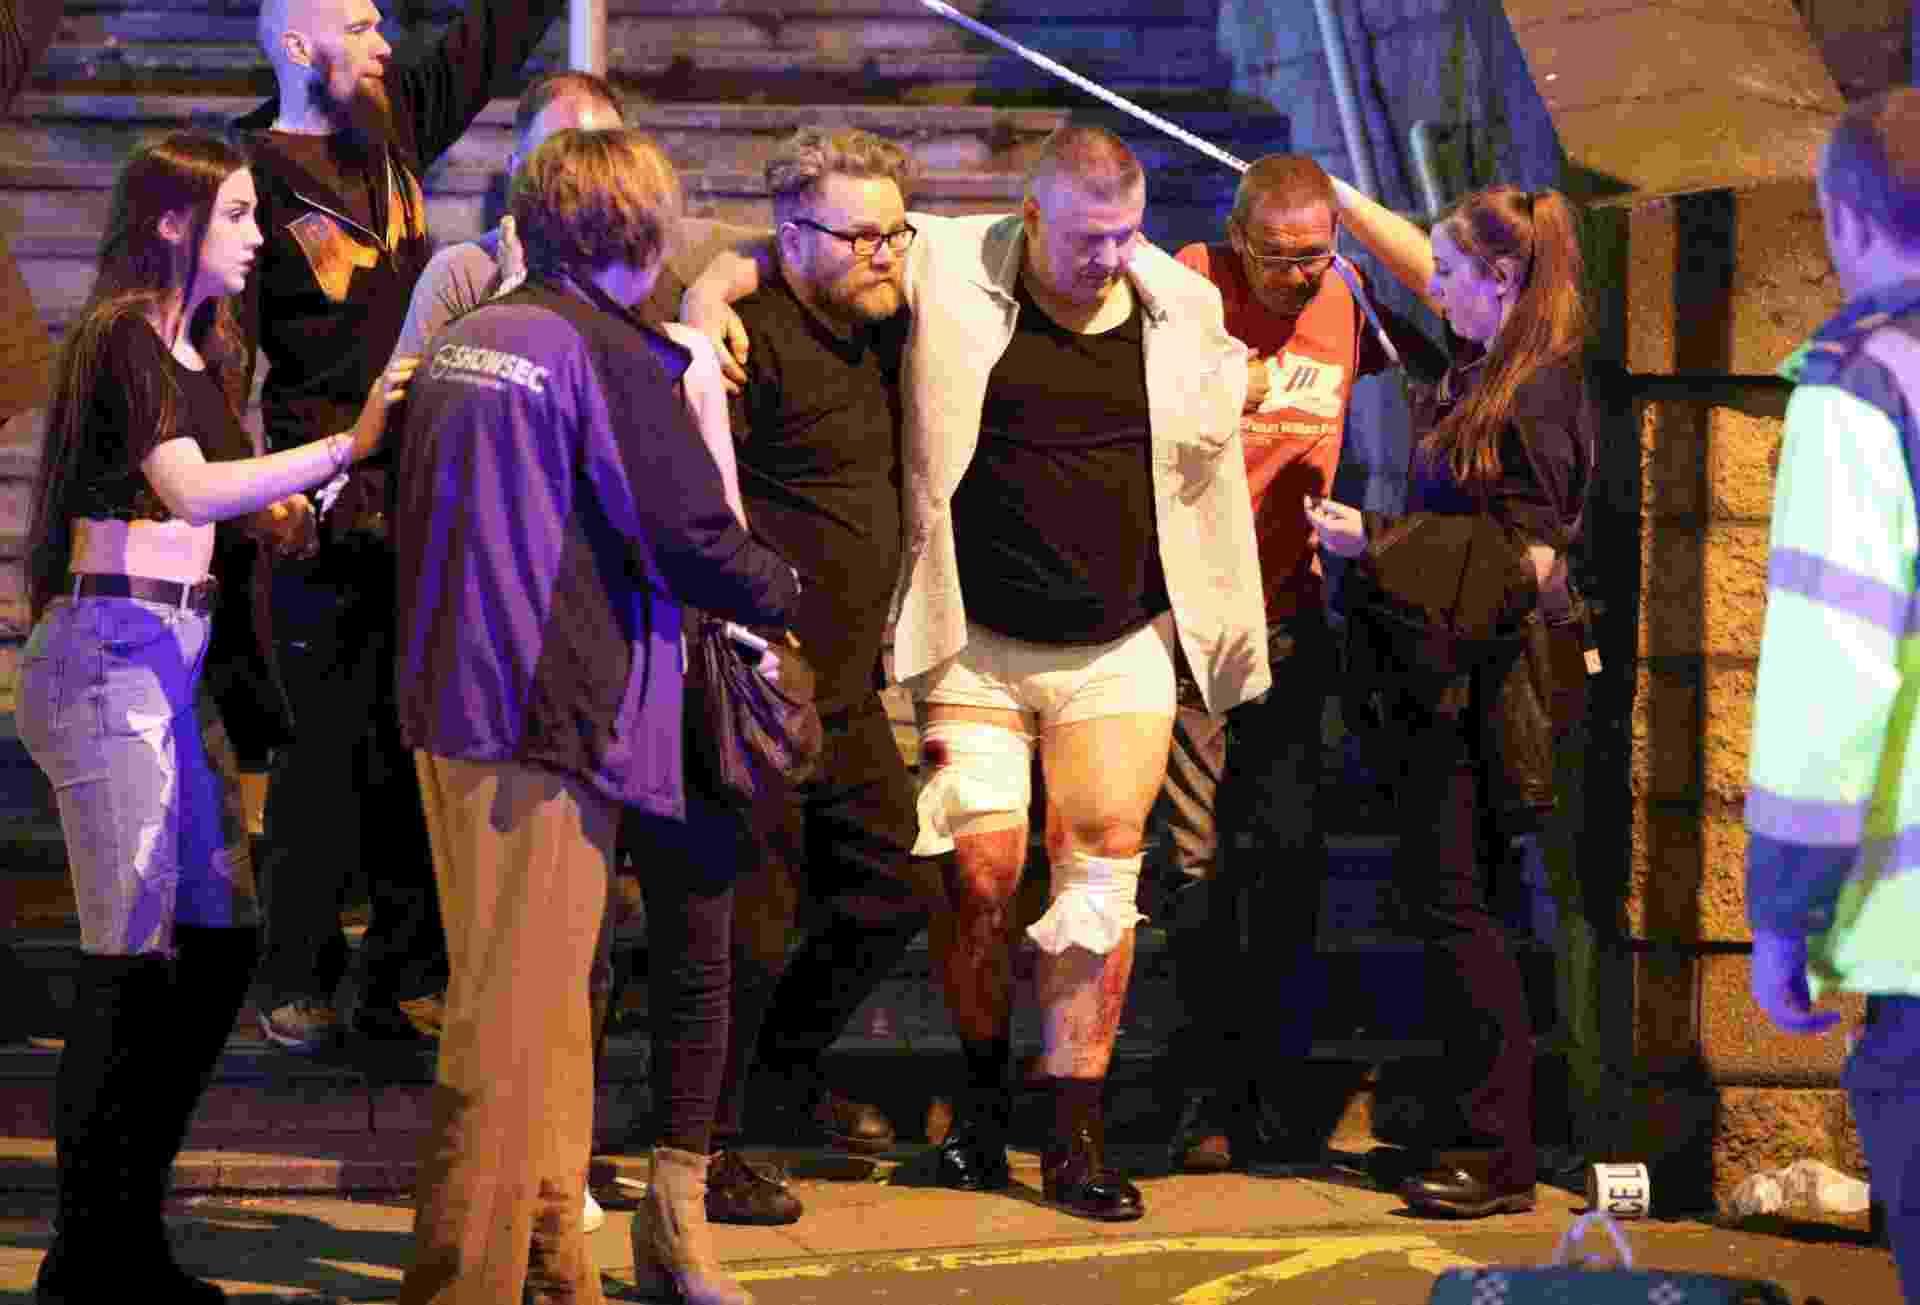 22.mai.2017 - Pessoas ajudam a ferido após explosão na saída da Manchester Arena, em Manchester, Inglaterra - Xinhua/Joel Goodman/London News Pictures/Zumapress